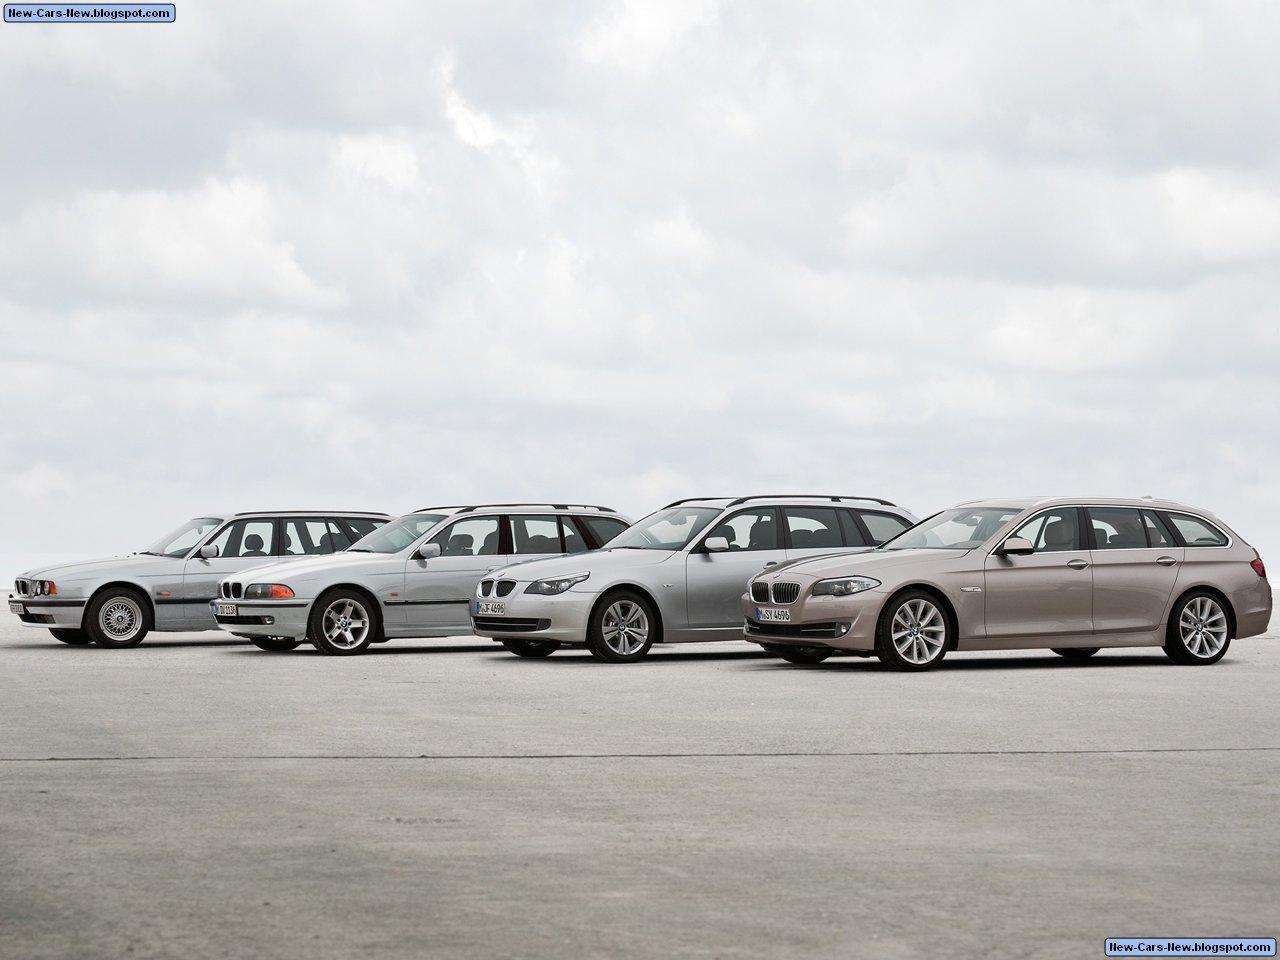 http://1.bp.blogspot.com/_U4w592tUDHM/TCMRdBE_5fI/AAAAAAAADNY/3x740ElSFVc/s1600/BMW-5-Series_Touring_2011_1280x960_wallpaper_05.jpg